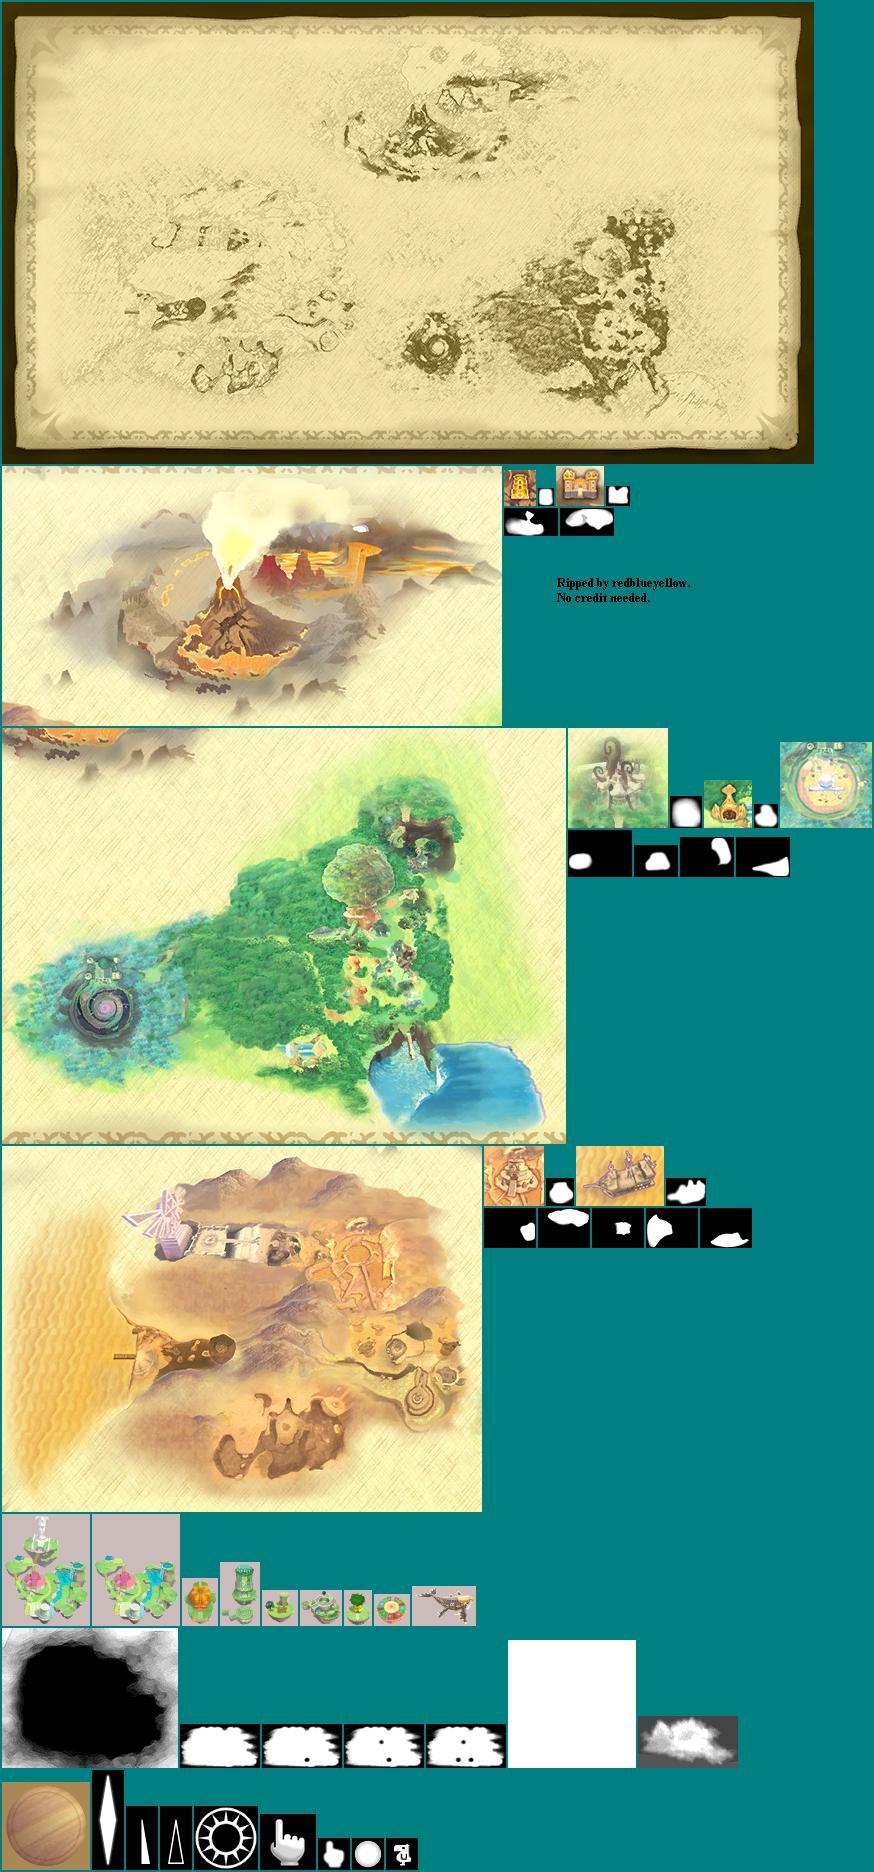 skyward sword world map Wii The Legend Of Zelda Skyward Sword World Map The